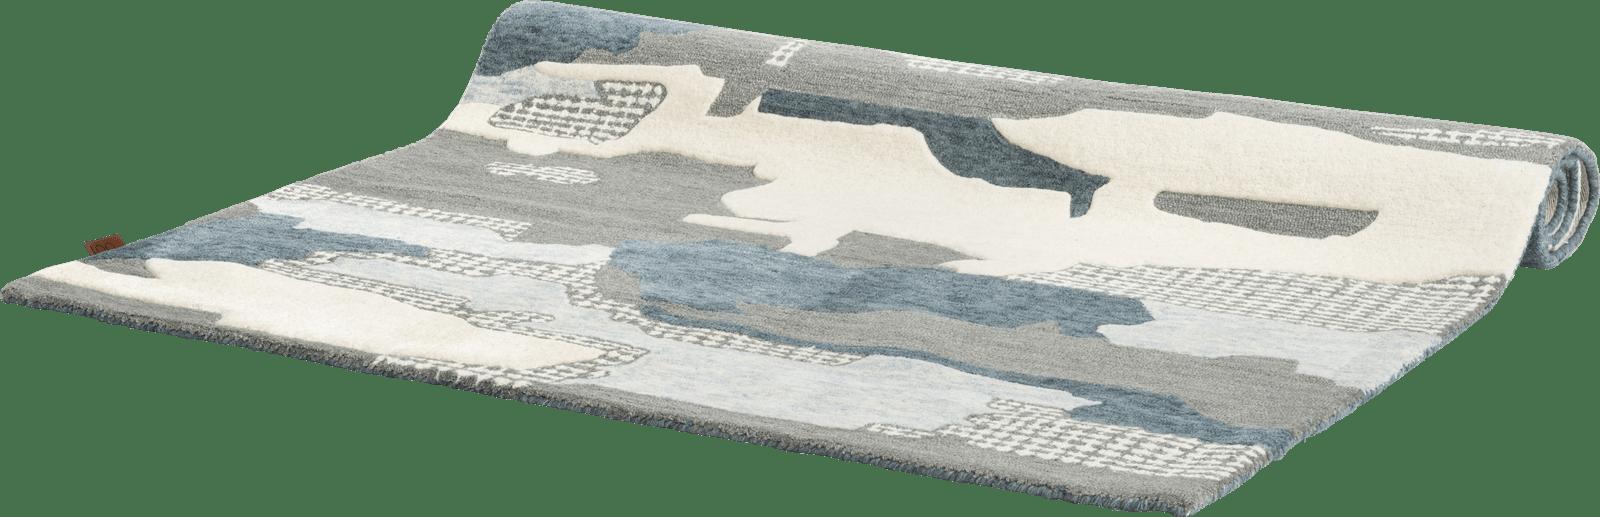 Coco Maison - karpet lexi - 160 x 230 cm - 80% wol / 20% viscose